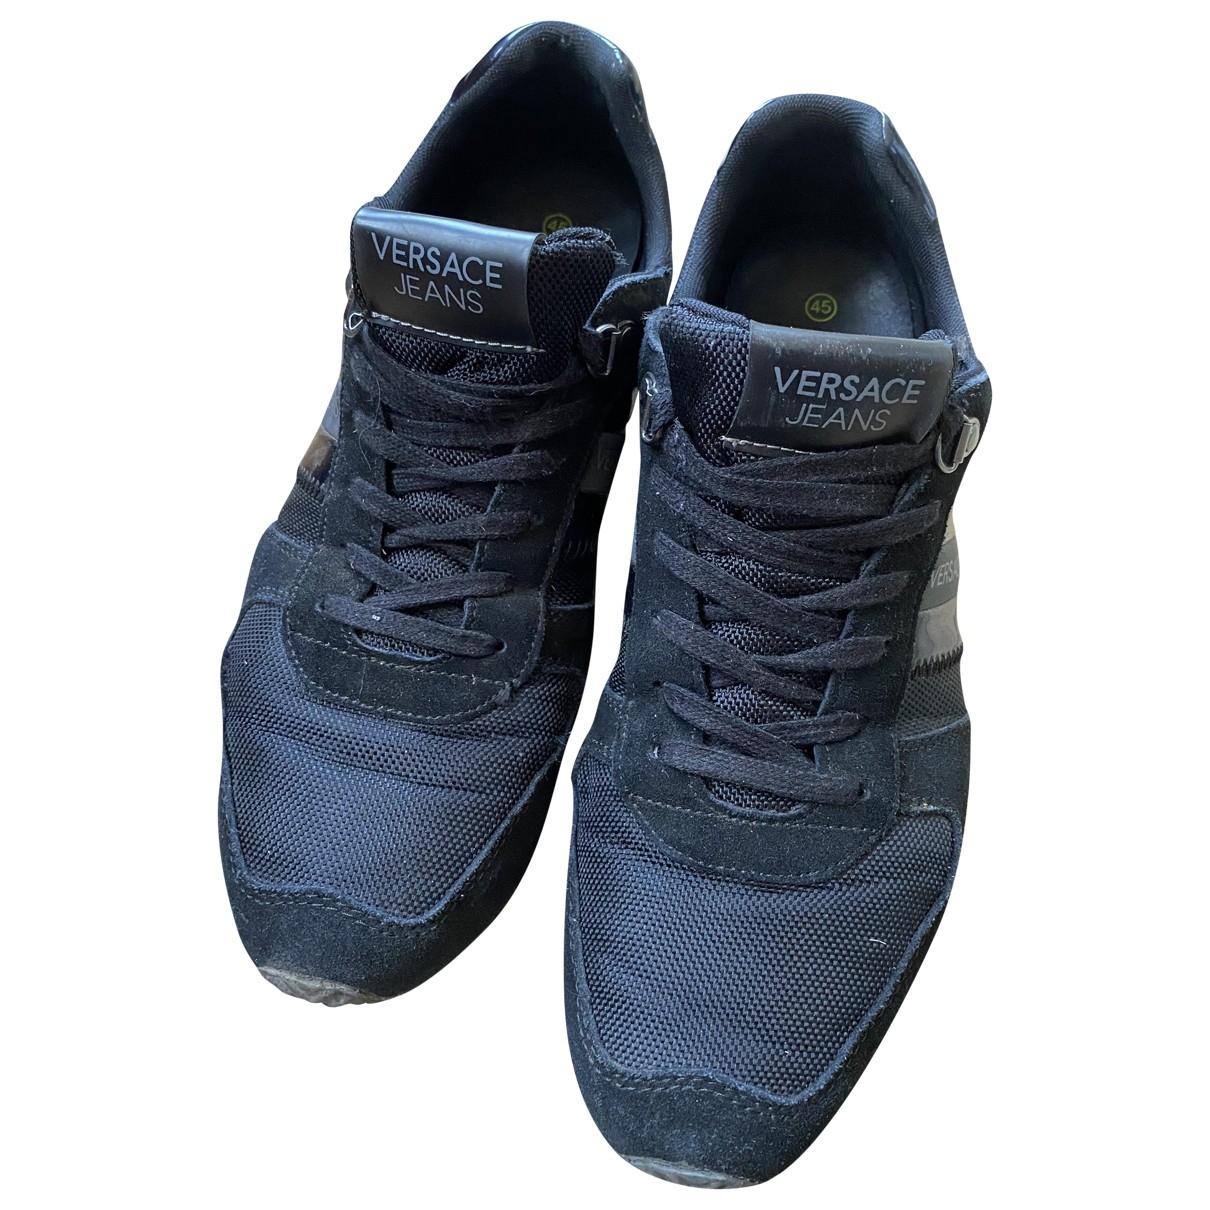 Versace Jean - Baskets   pour homme - noir